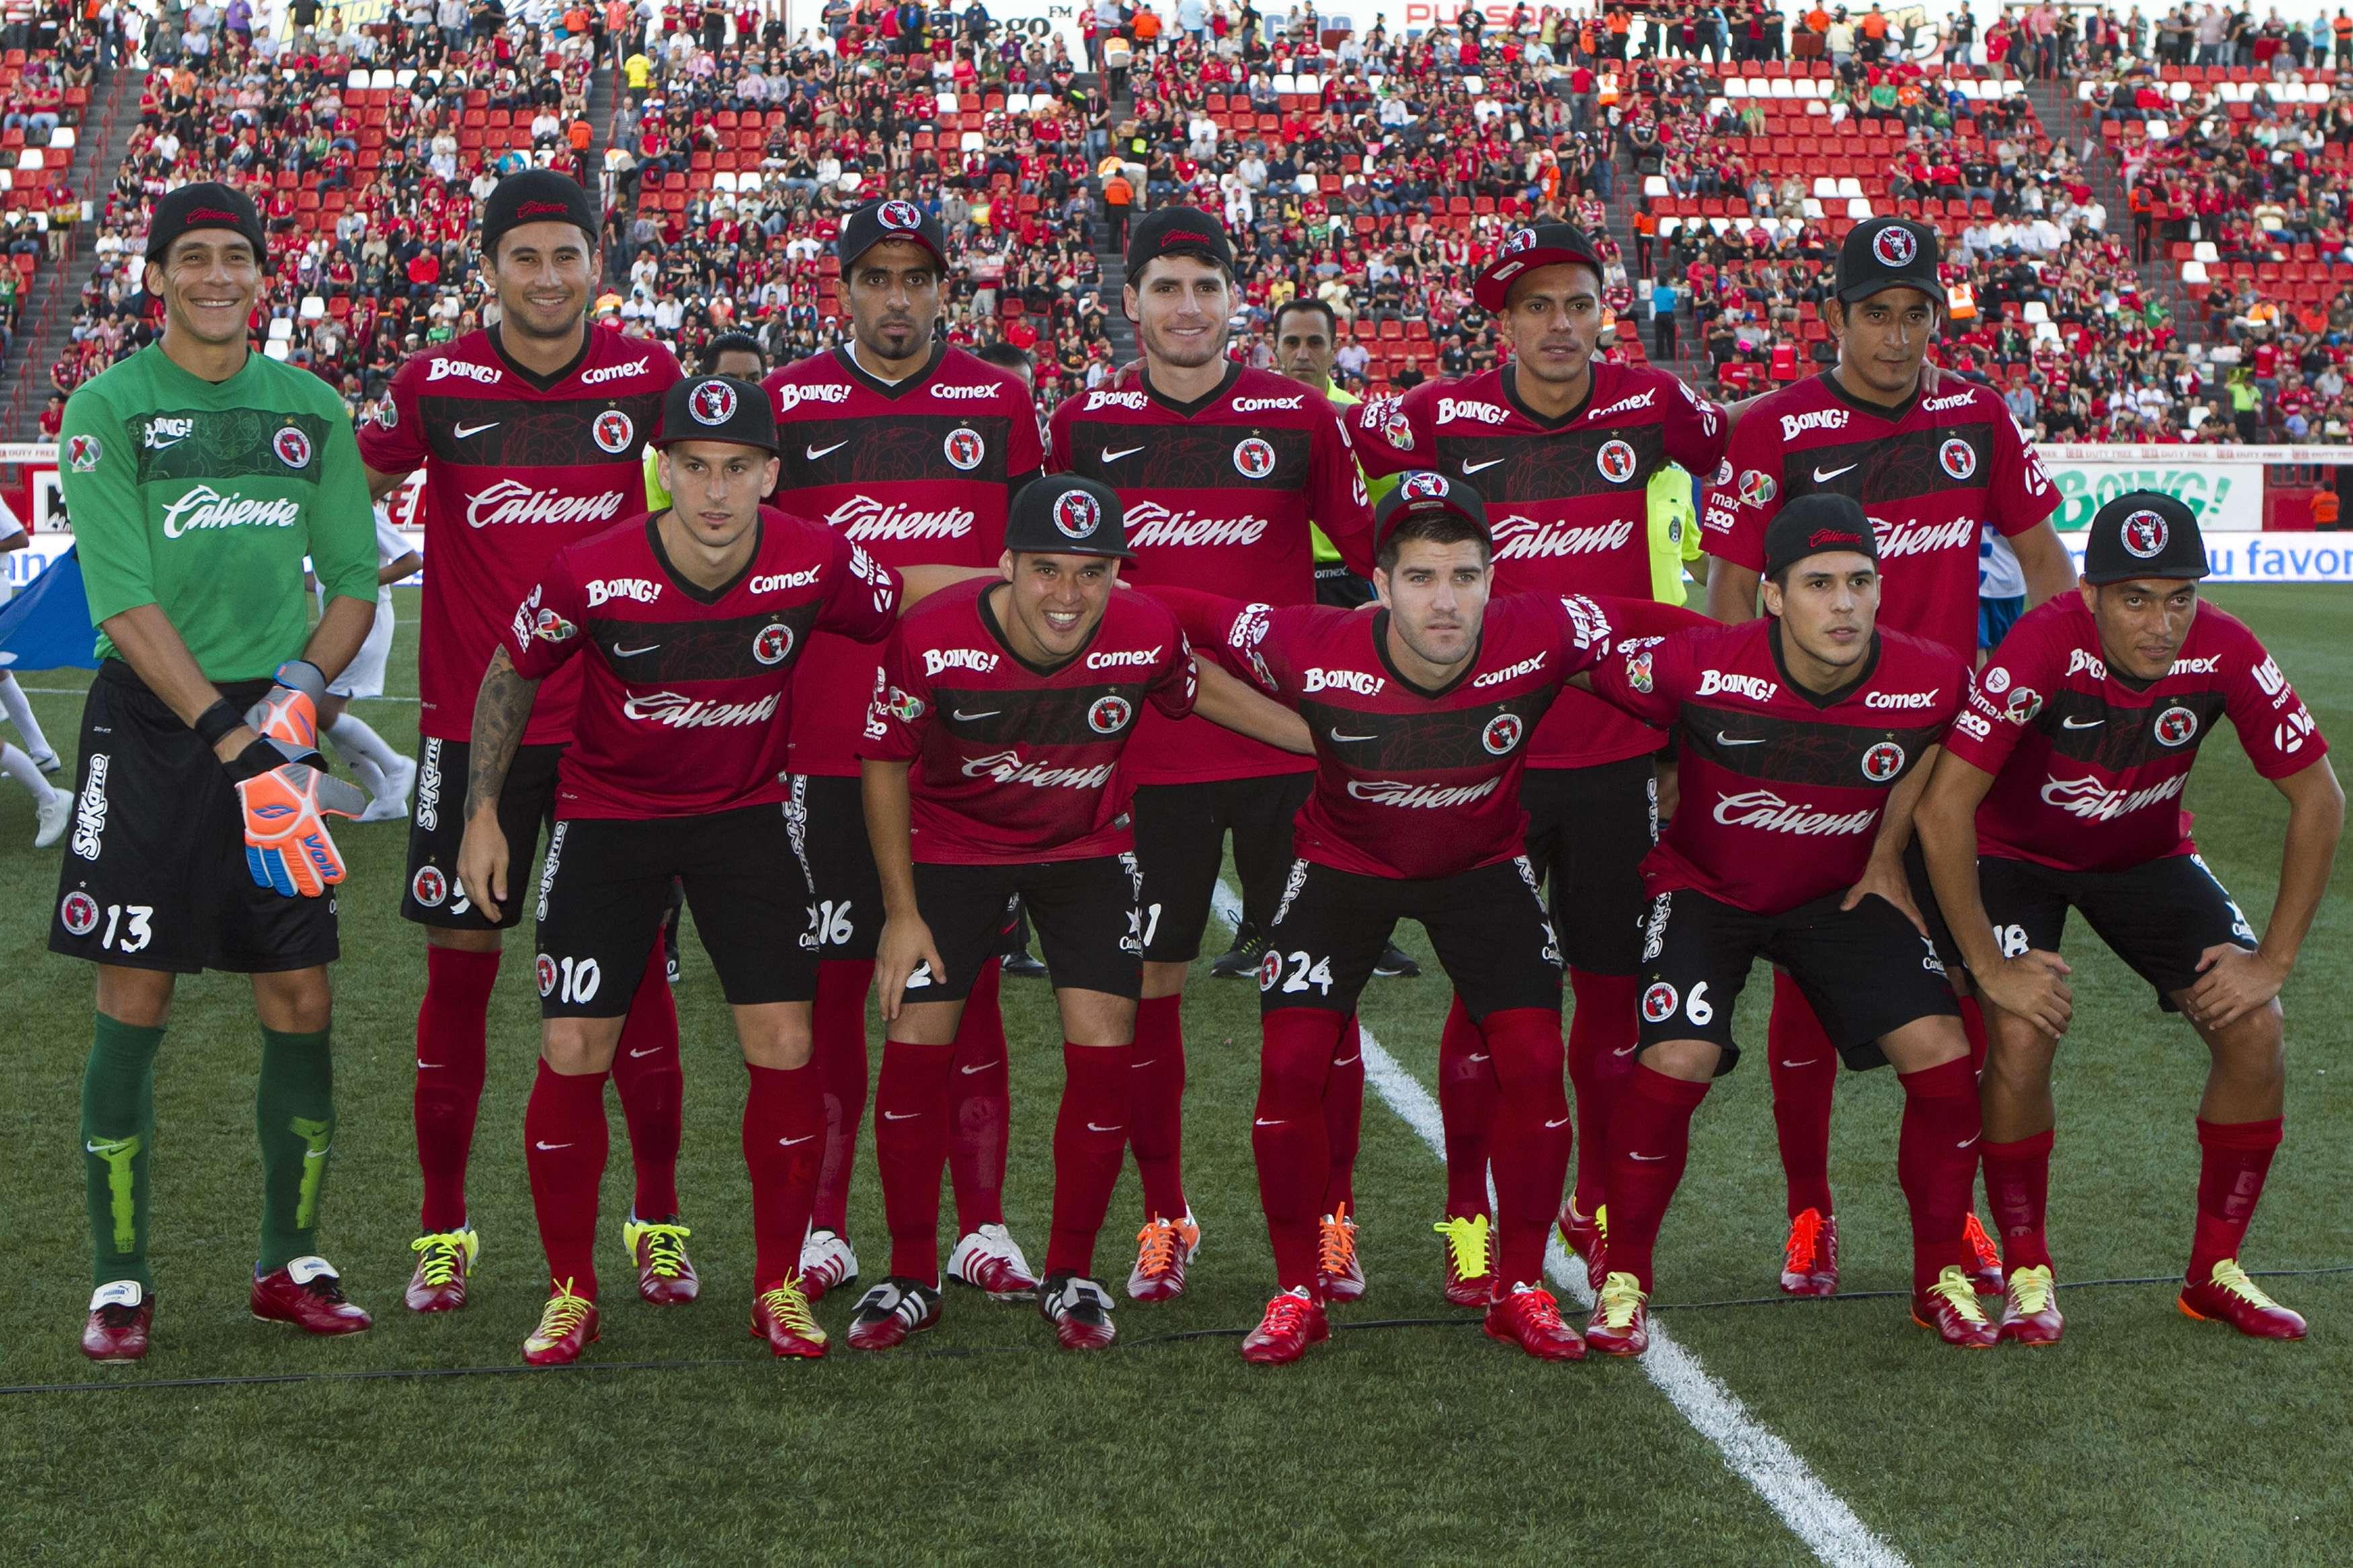 Las gorras durante la ceremonia y la foto oficial no están permitidas por la Liga MX. Foto: Mexsport